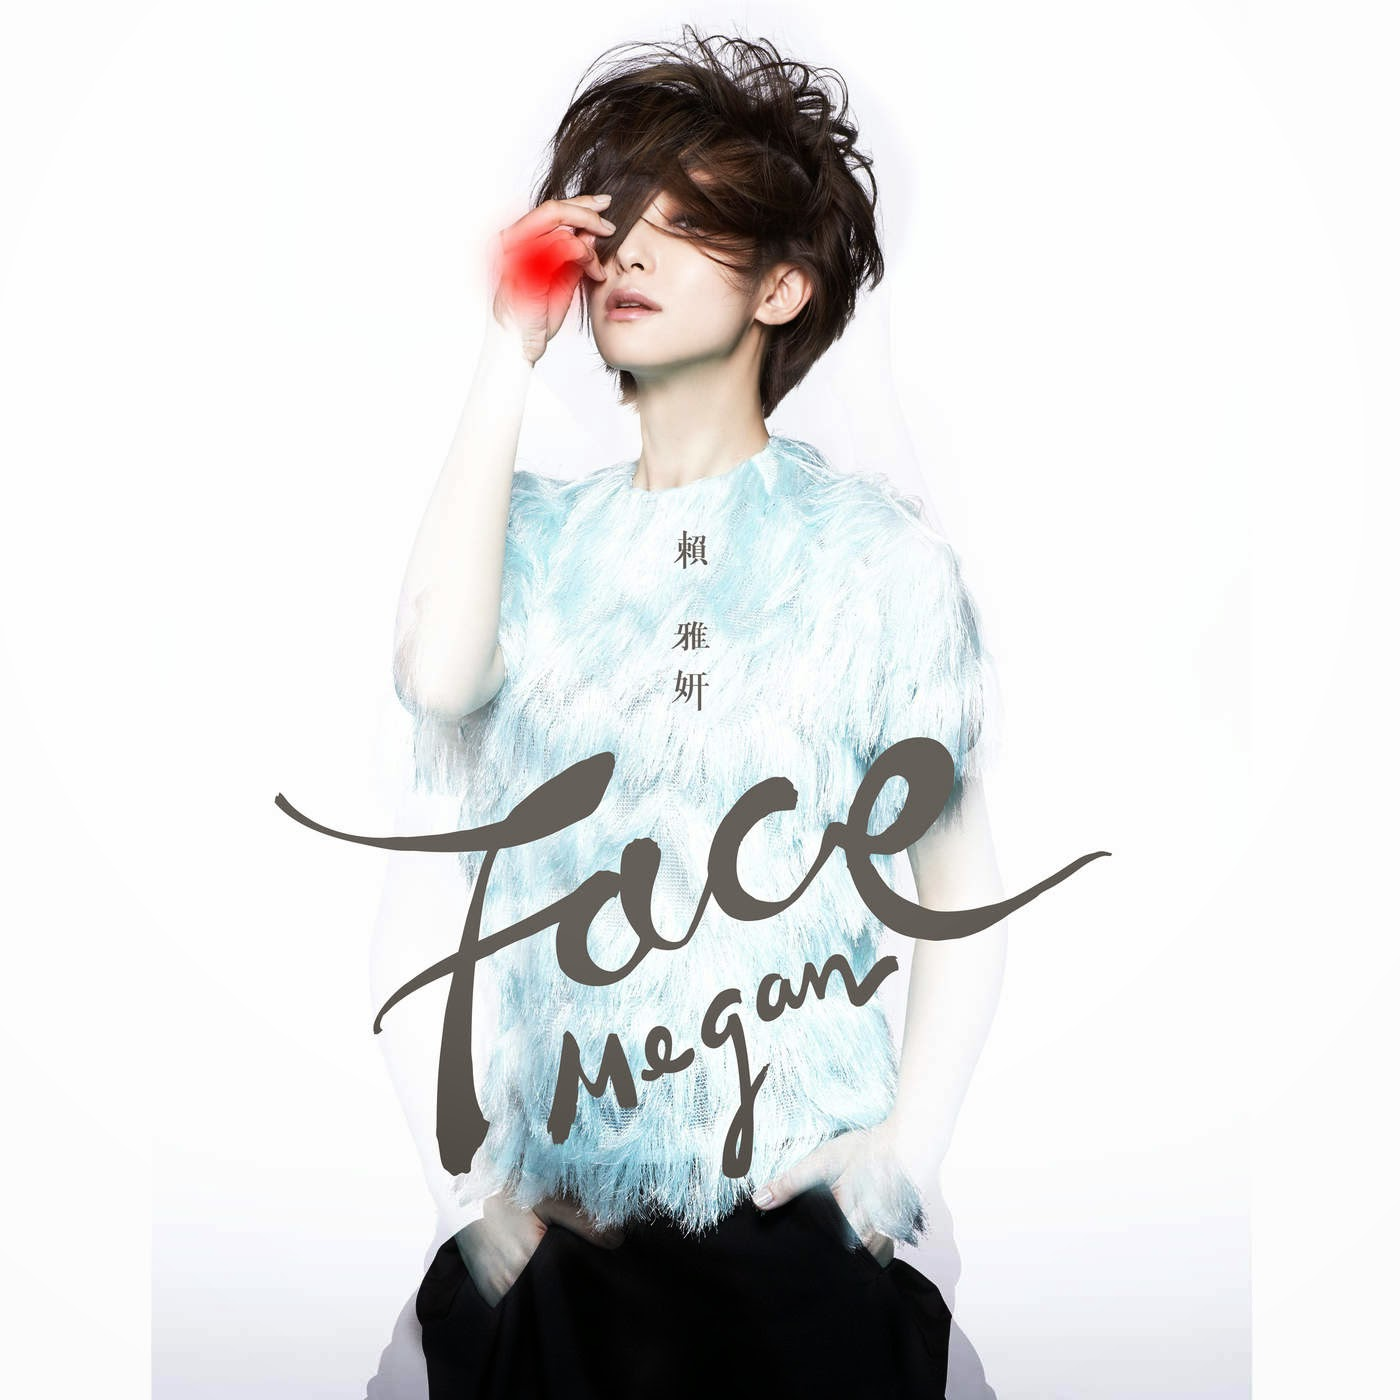 Akra Lai Lai Full Song Download: Download [Full Album] 賴雅妍 (Megan Lai)